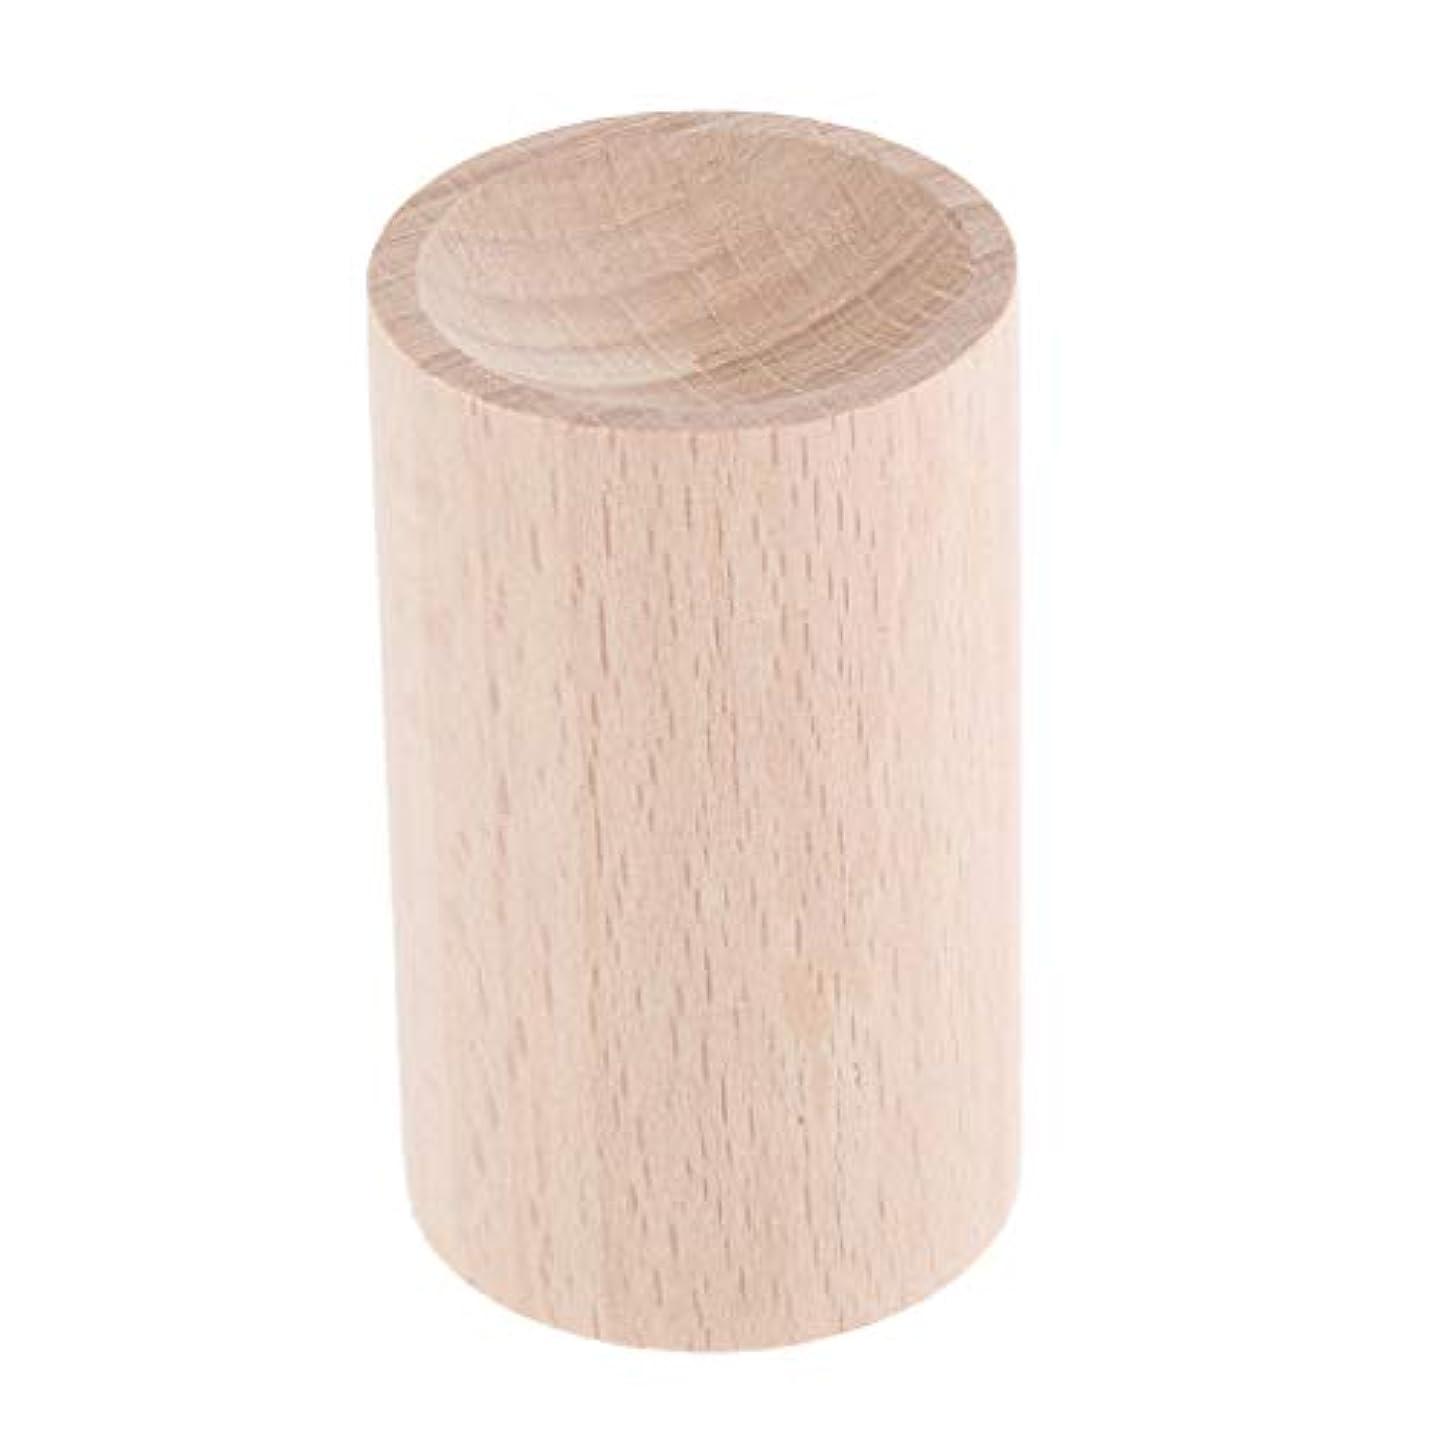 トーナメント説明的複合天然木 ハンドメイド エアフレッシュナー エッセンシャルオイル 香水 アロマディフューザー 2種選ぶ - 01, 3.2cm